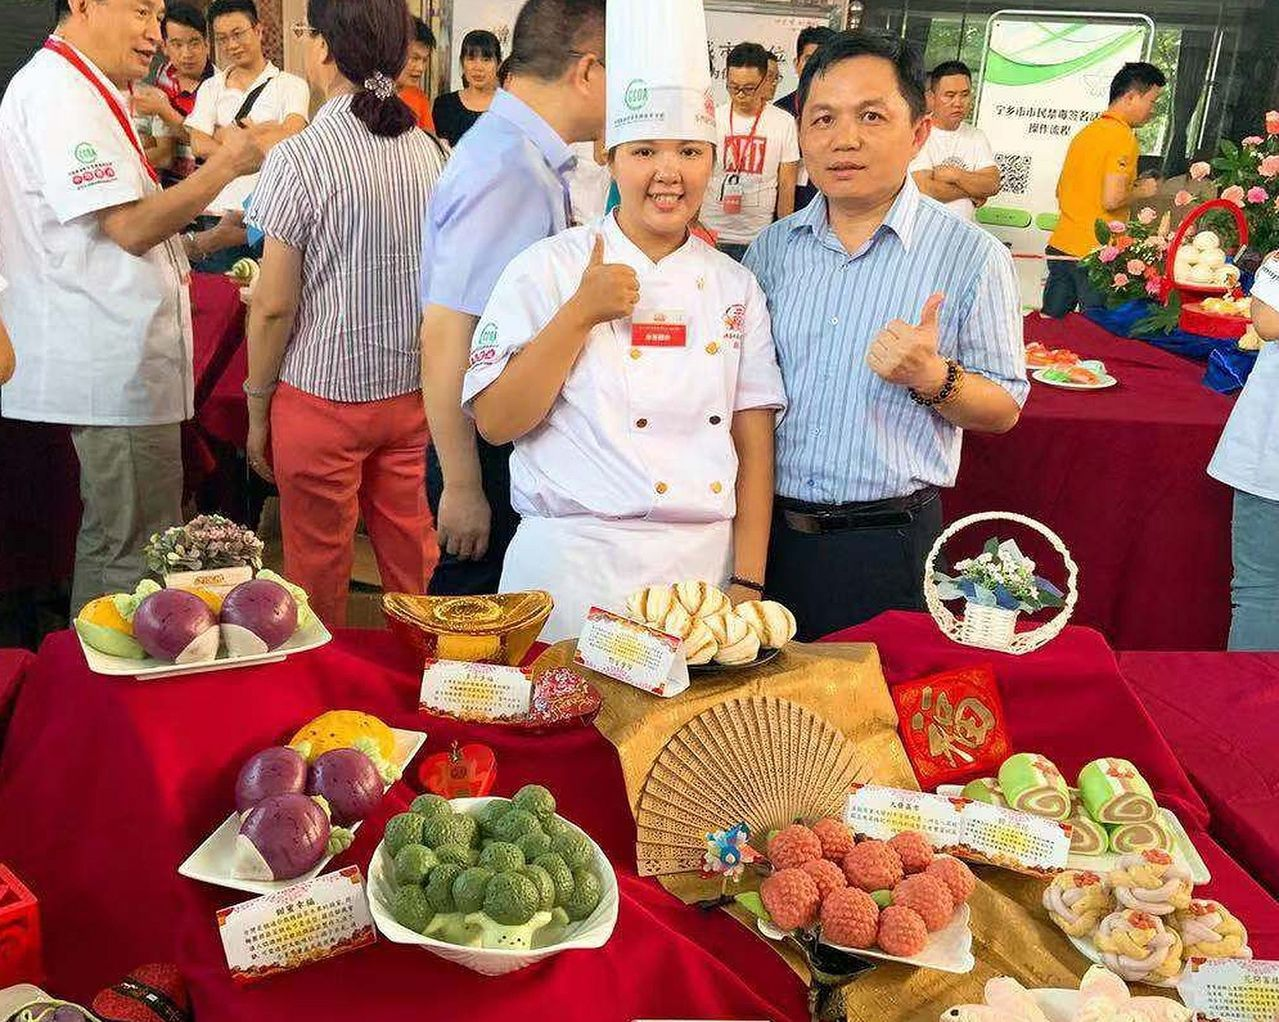 張意偵(前排左)與南投古記糕餅店另名選手古仁政組隊發揮麵食創意,在「安琪盃」中華...